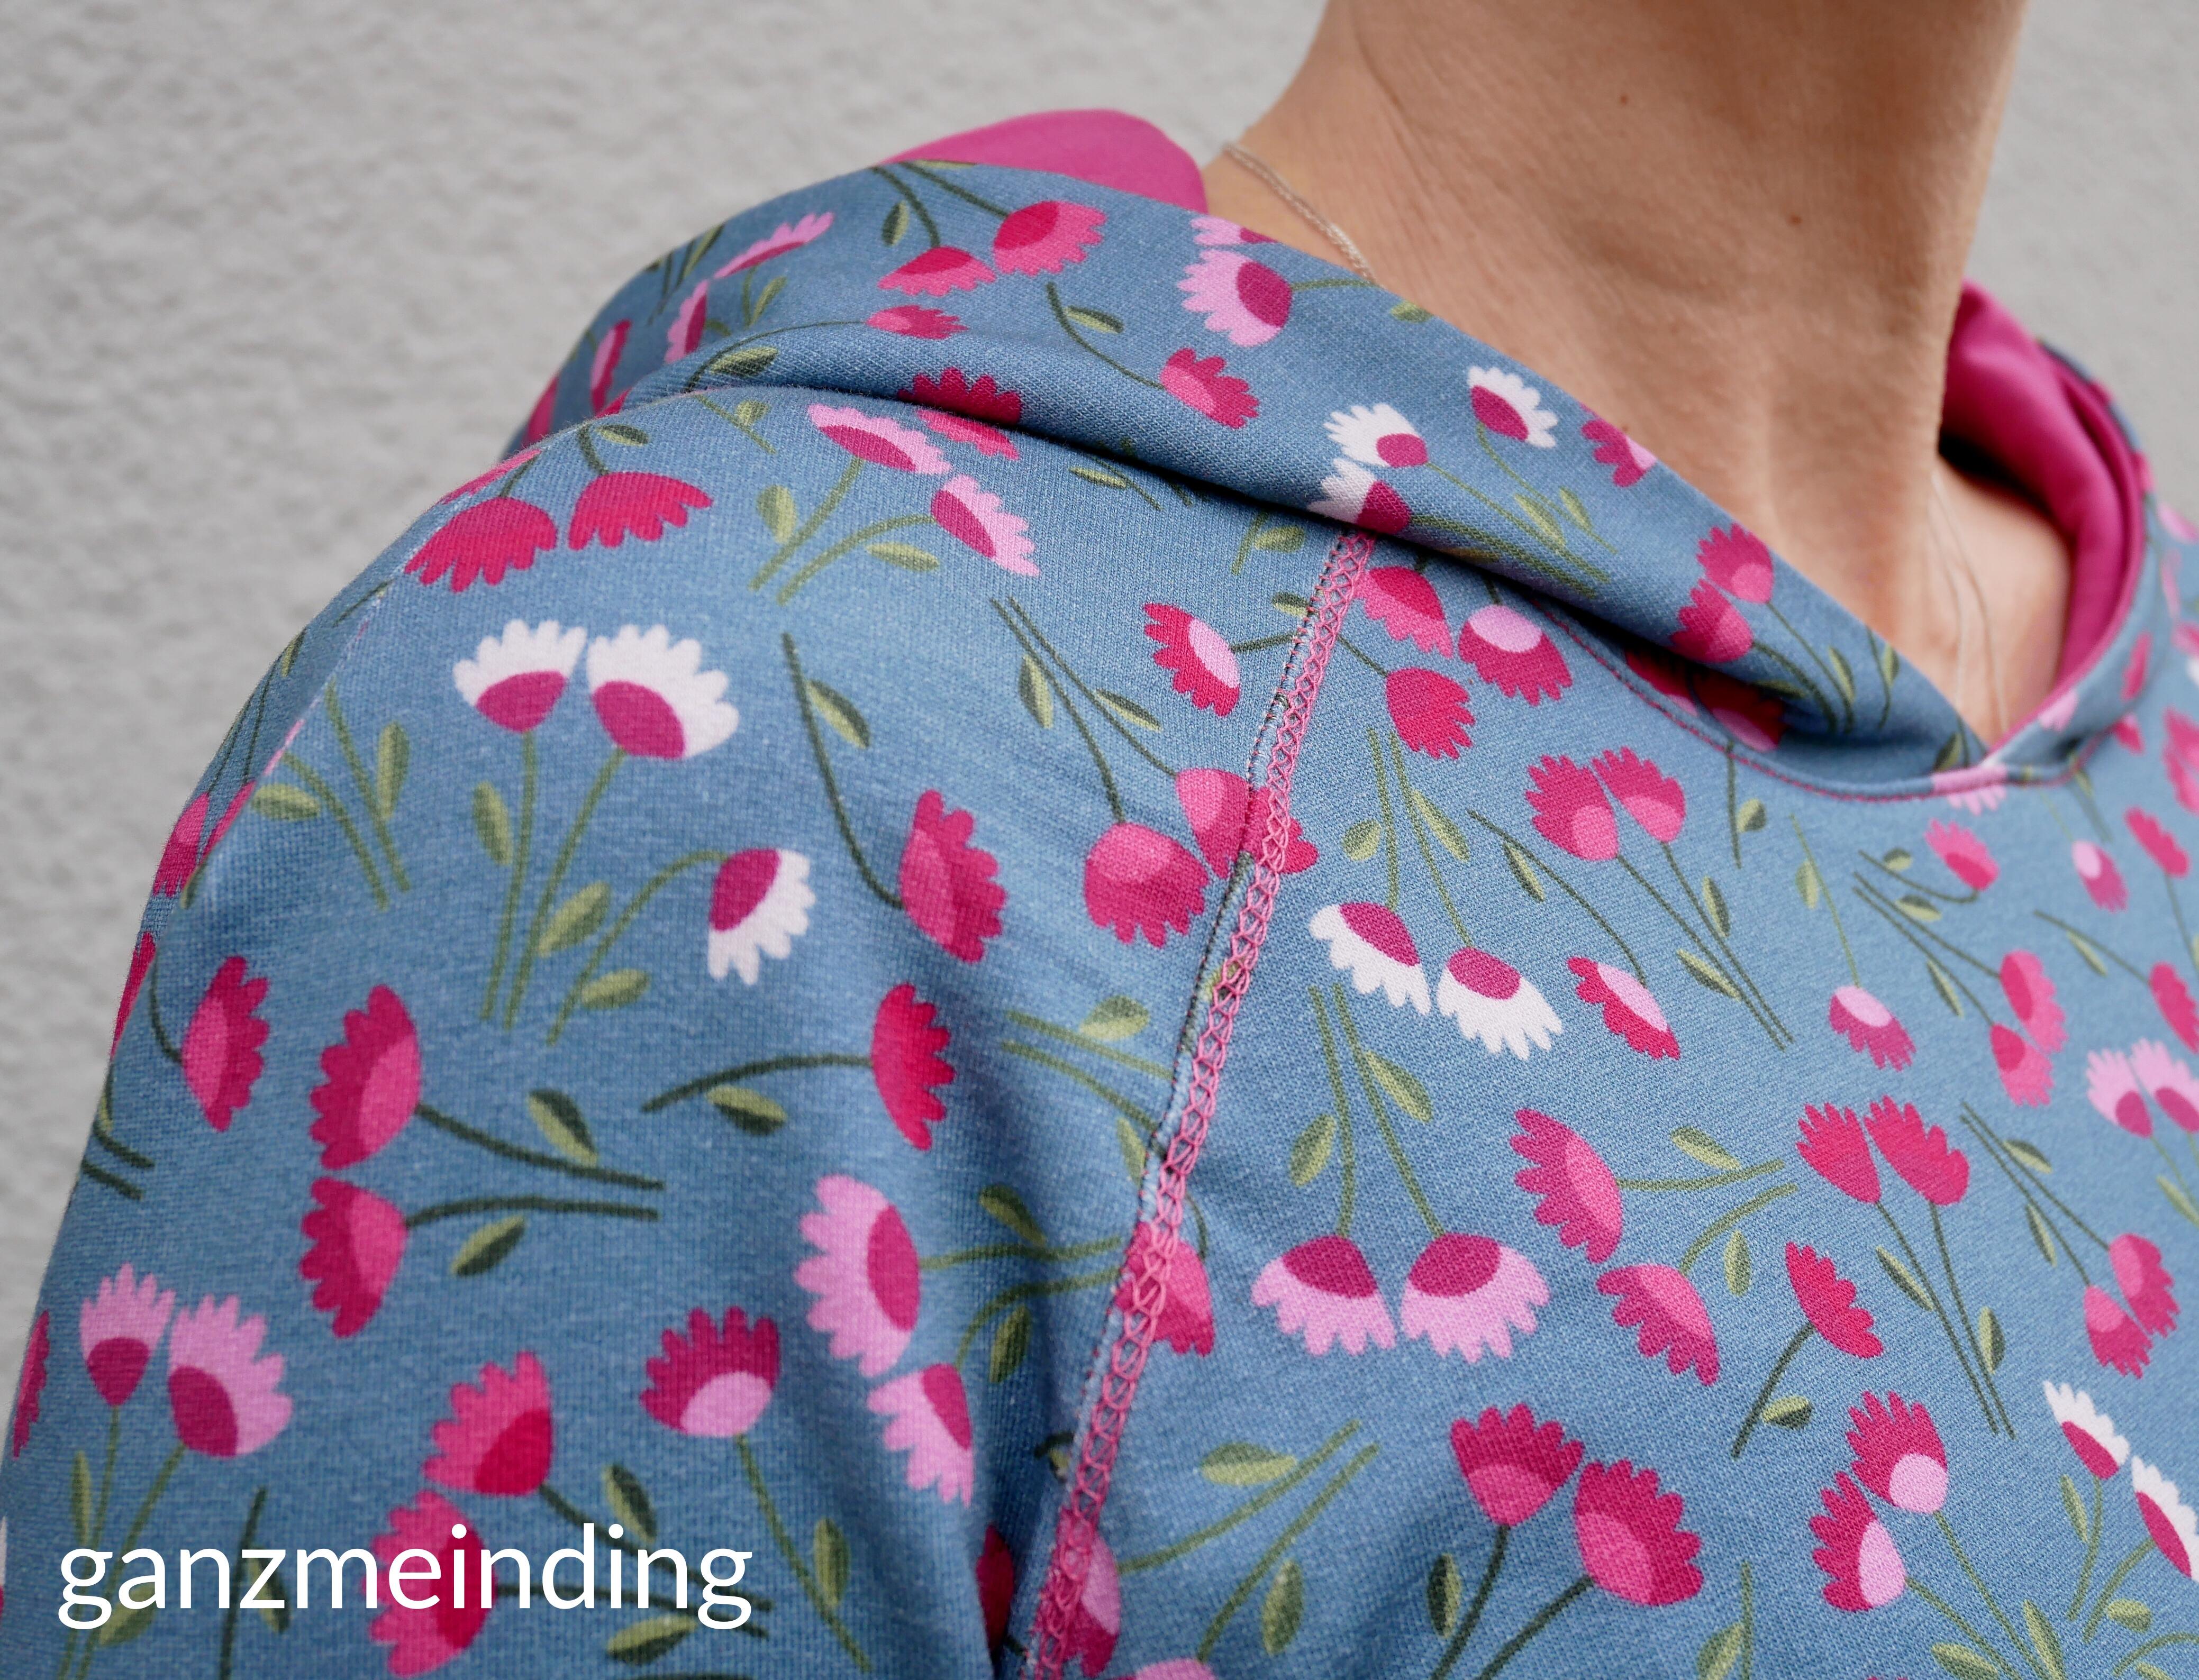 Raglanelse aus Melly von Lila-Lotta für Swafing, genäht von ganzmeinding 05